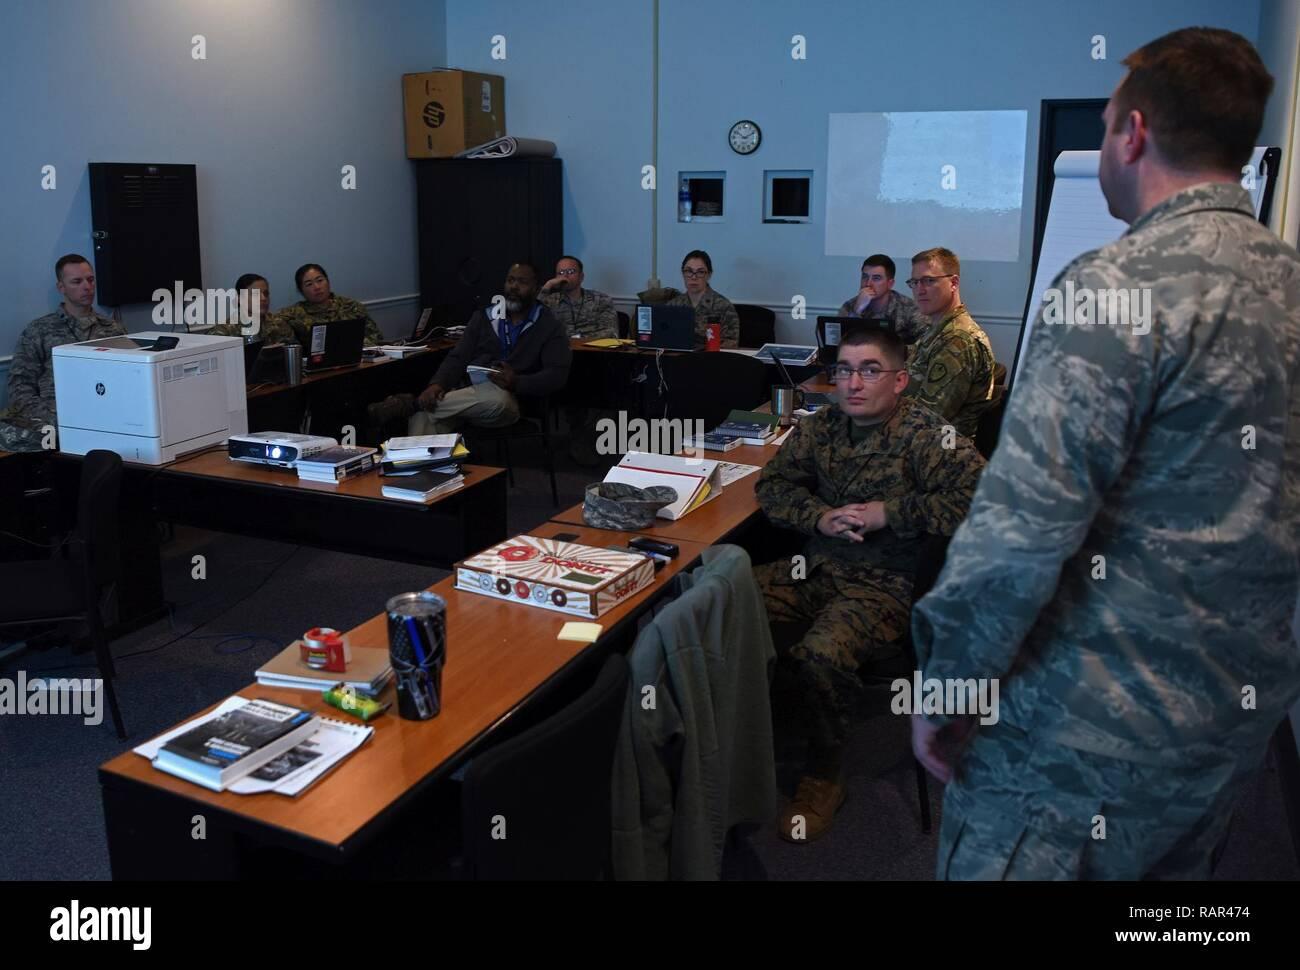 I militari USA e membri civili di partecipare ad uno dei quattro la pianificazione operativa squadre (OPT) durante la missione disponibilità Esercizio (MRX) 19-2, Dic 11, 2018, Shaw Air Force Base, S.C. Il ruolo dell'OPT è di dirigere gli sforzi di pianificazione, compresa l'attuazione di piani e di ordini, come parte della pianificazione comune processo durante l'esercizio. MRX 19-2 è un operativa iniziale evento certificazione progettato per dimostrare la nona Air Force la capacità di pianificare efficacemente, preparare, eseguire e valutare la Combined Joint Task Force operazioni a livello operativo della guerra come incaricato dalla Air Force Chief di Immagini Stock